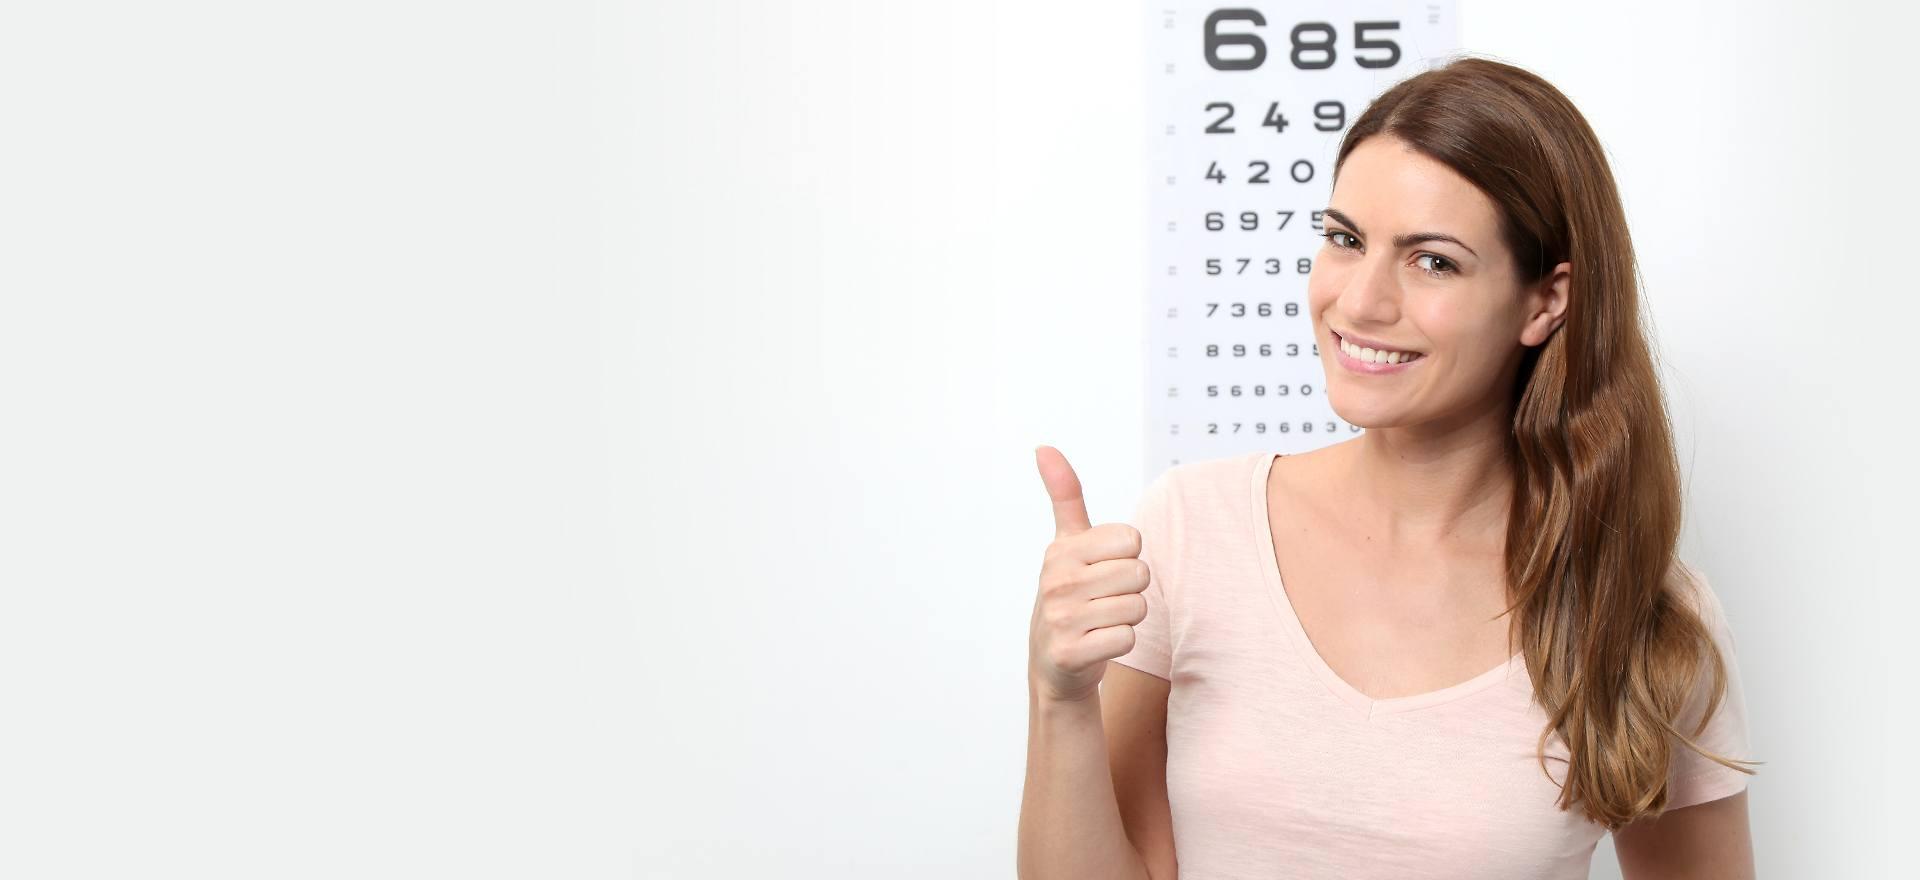 Femto-LASIK Augenlasern im Augenlaserzentrum VS-Villingen